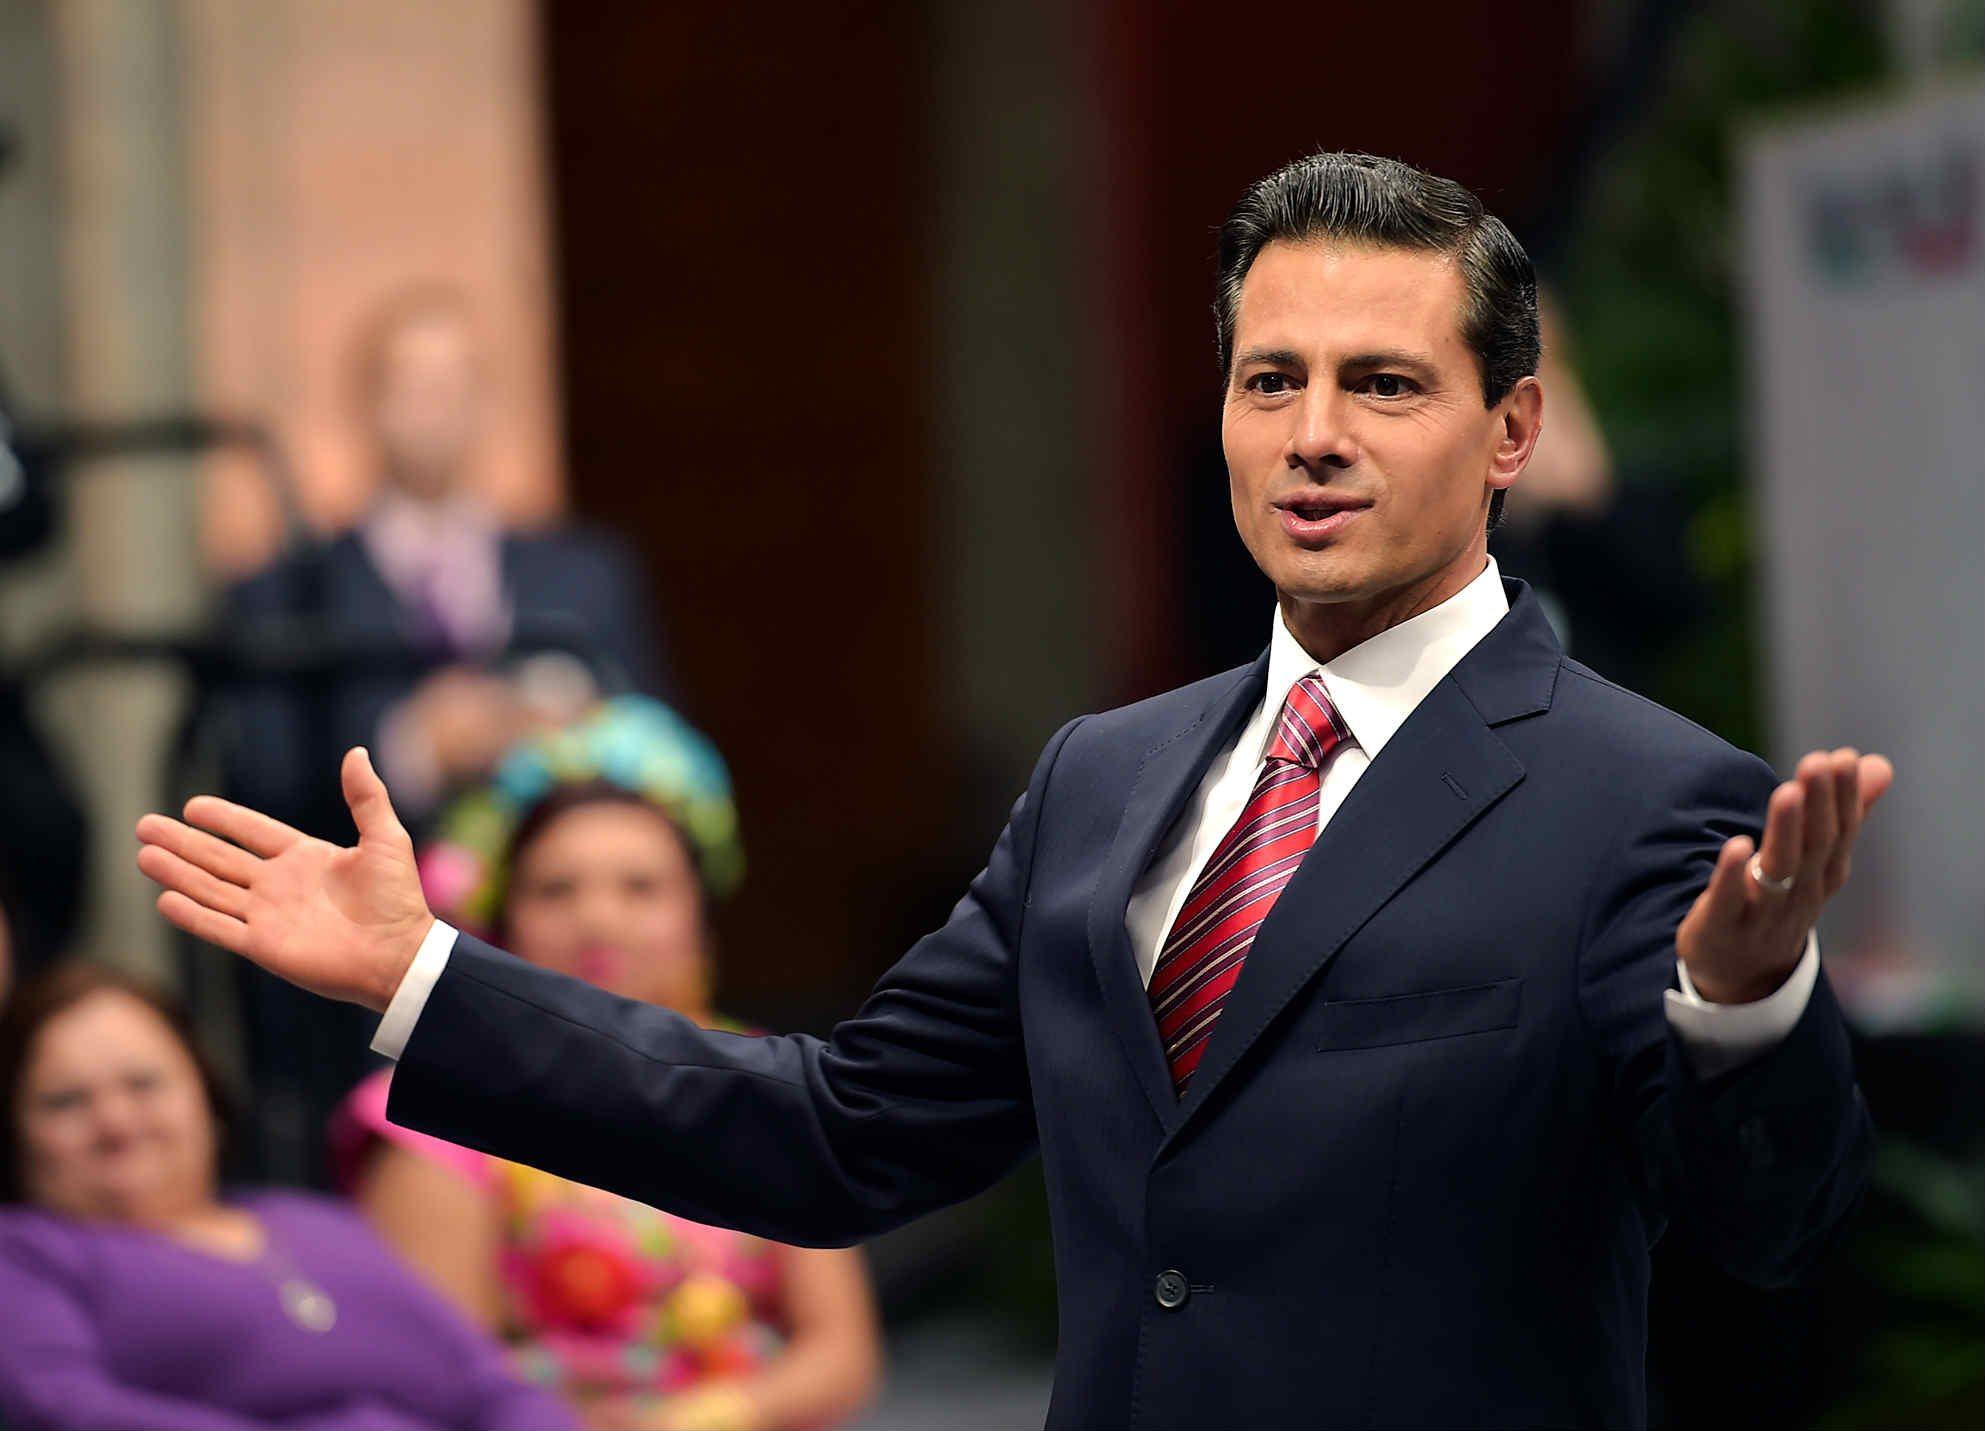 Peña Nieto recibió 1,800 mdd del 'Chapo': abogado